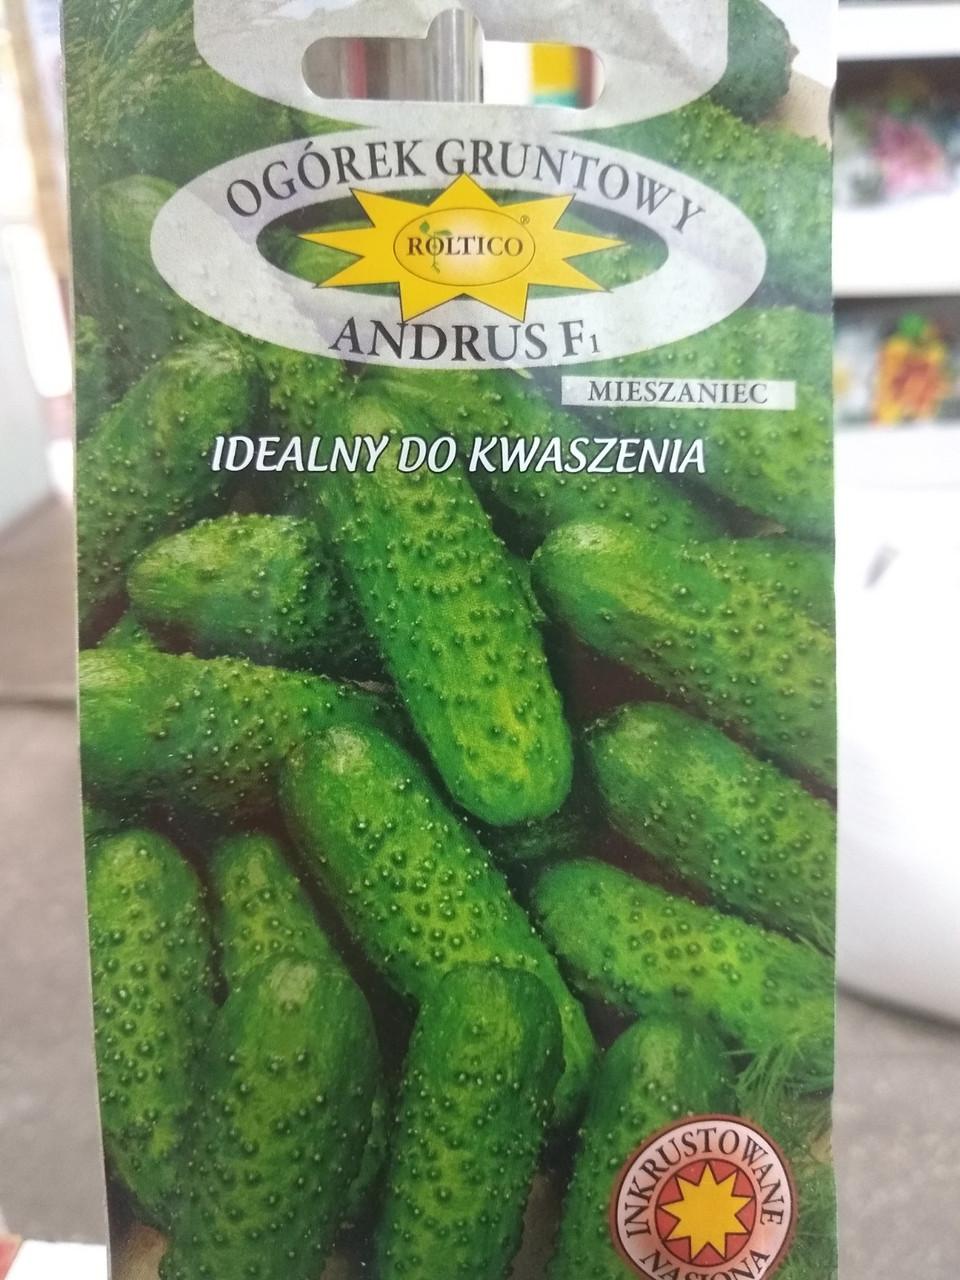 Огурец семена Андрус F1 корнишон, 180 сем, Польша оригинал